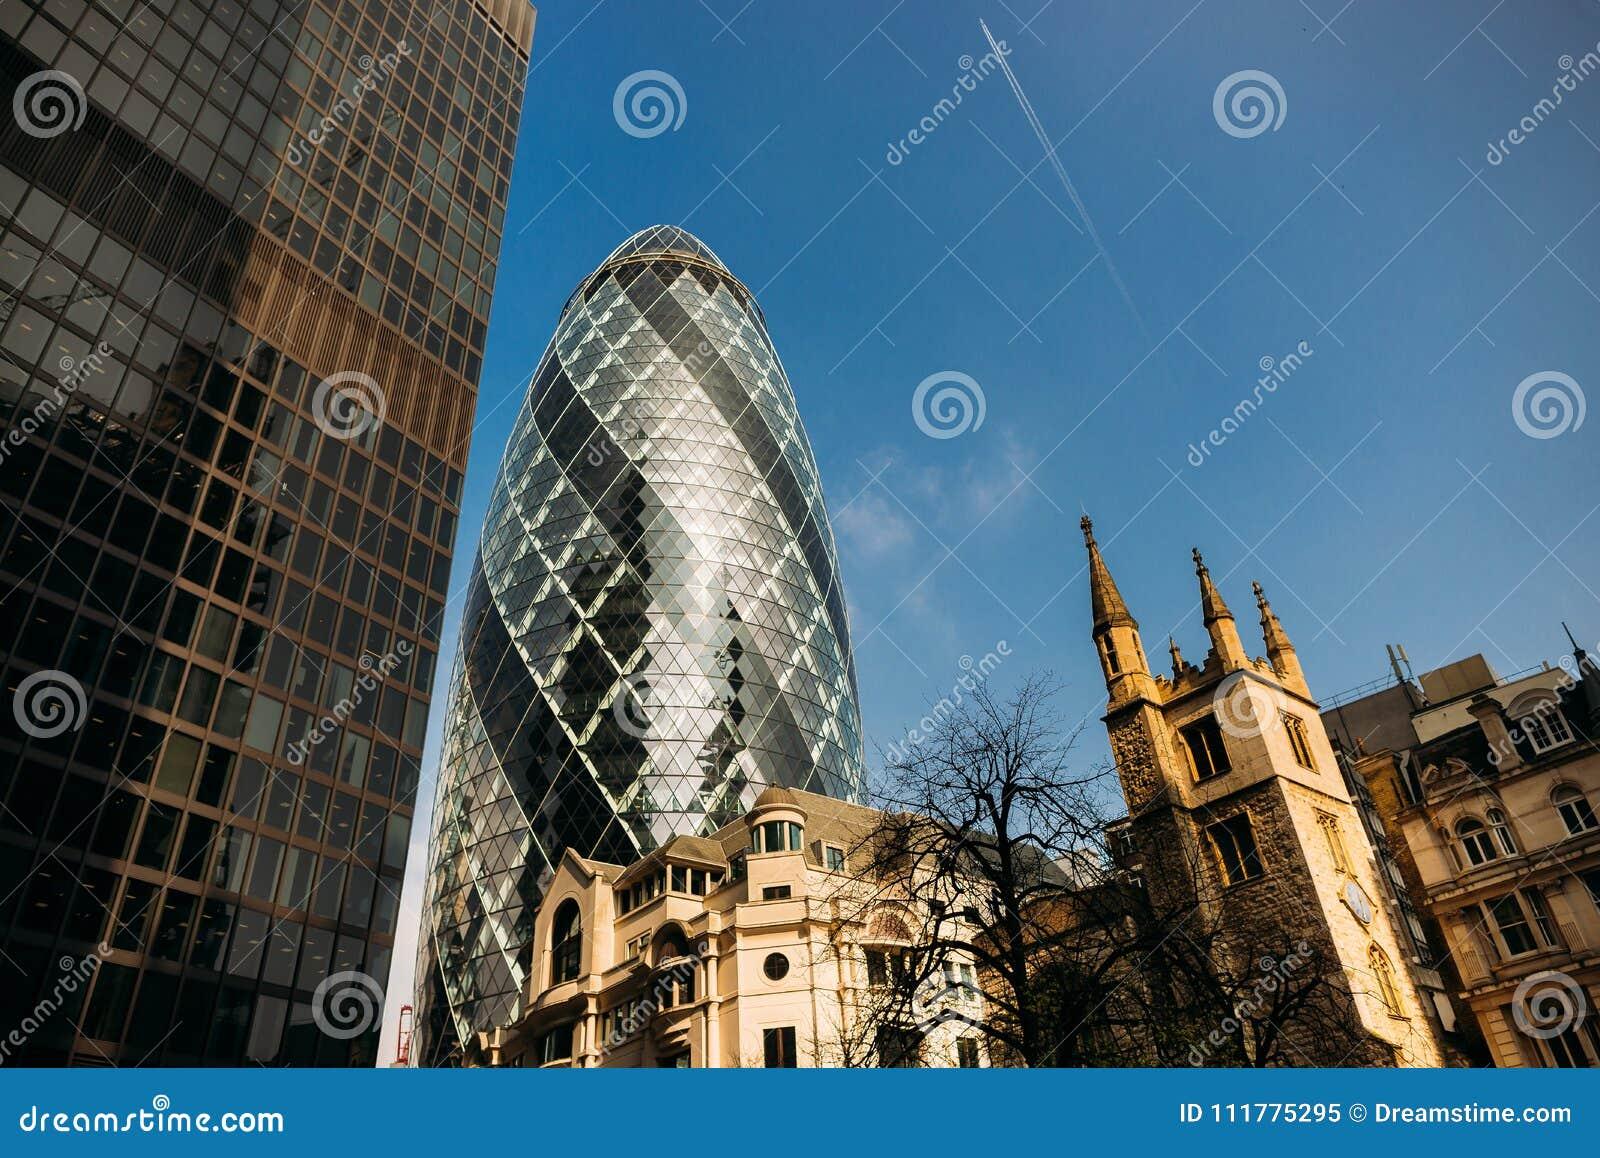 City of london office buildings gherkin uk